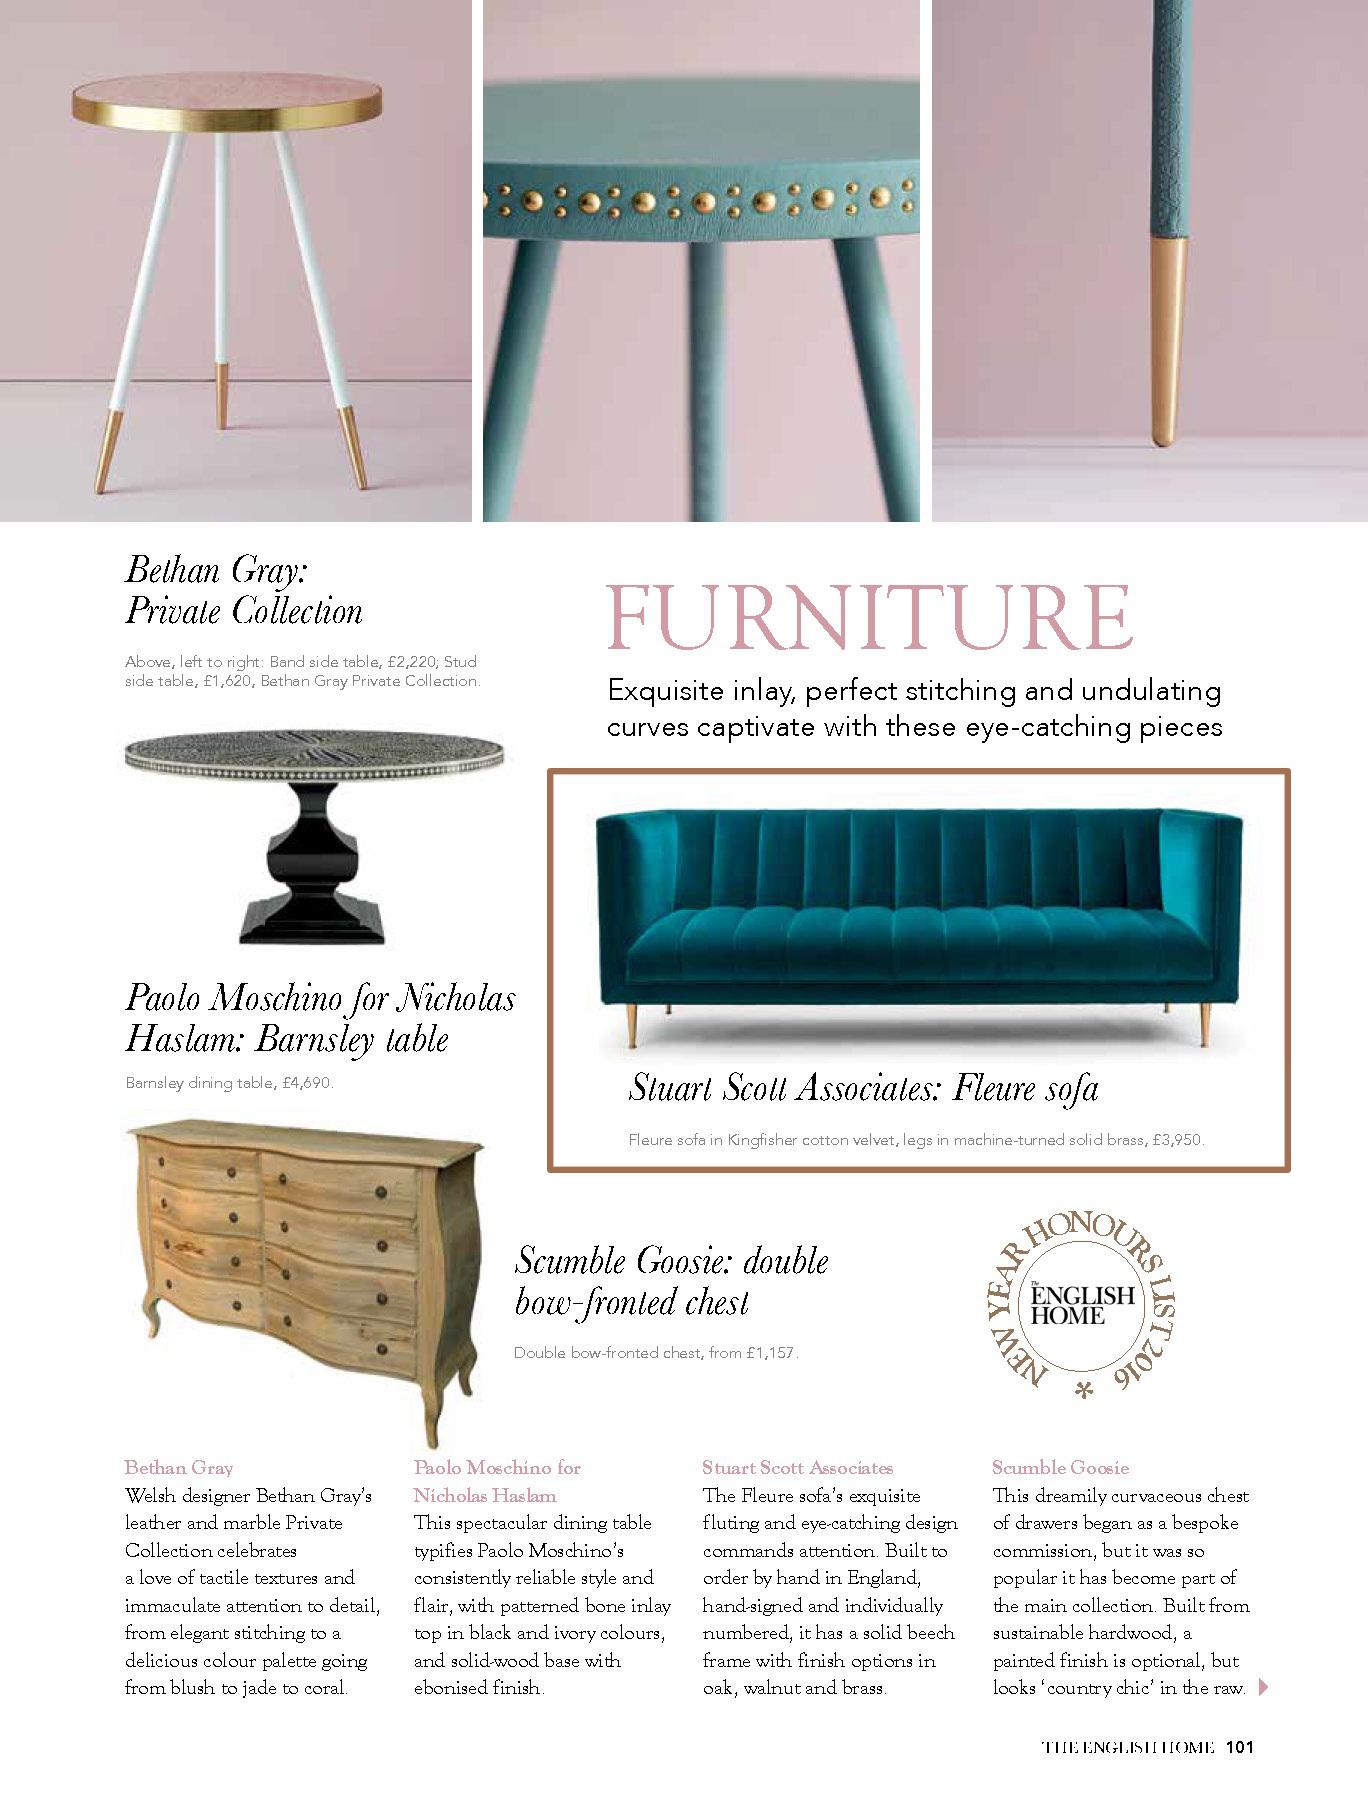 Jan 16_New Year Honours Furniture